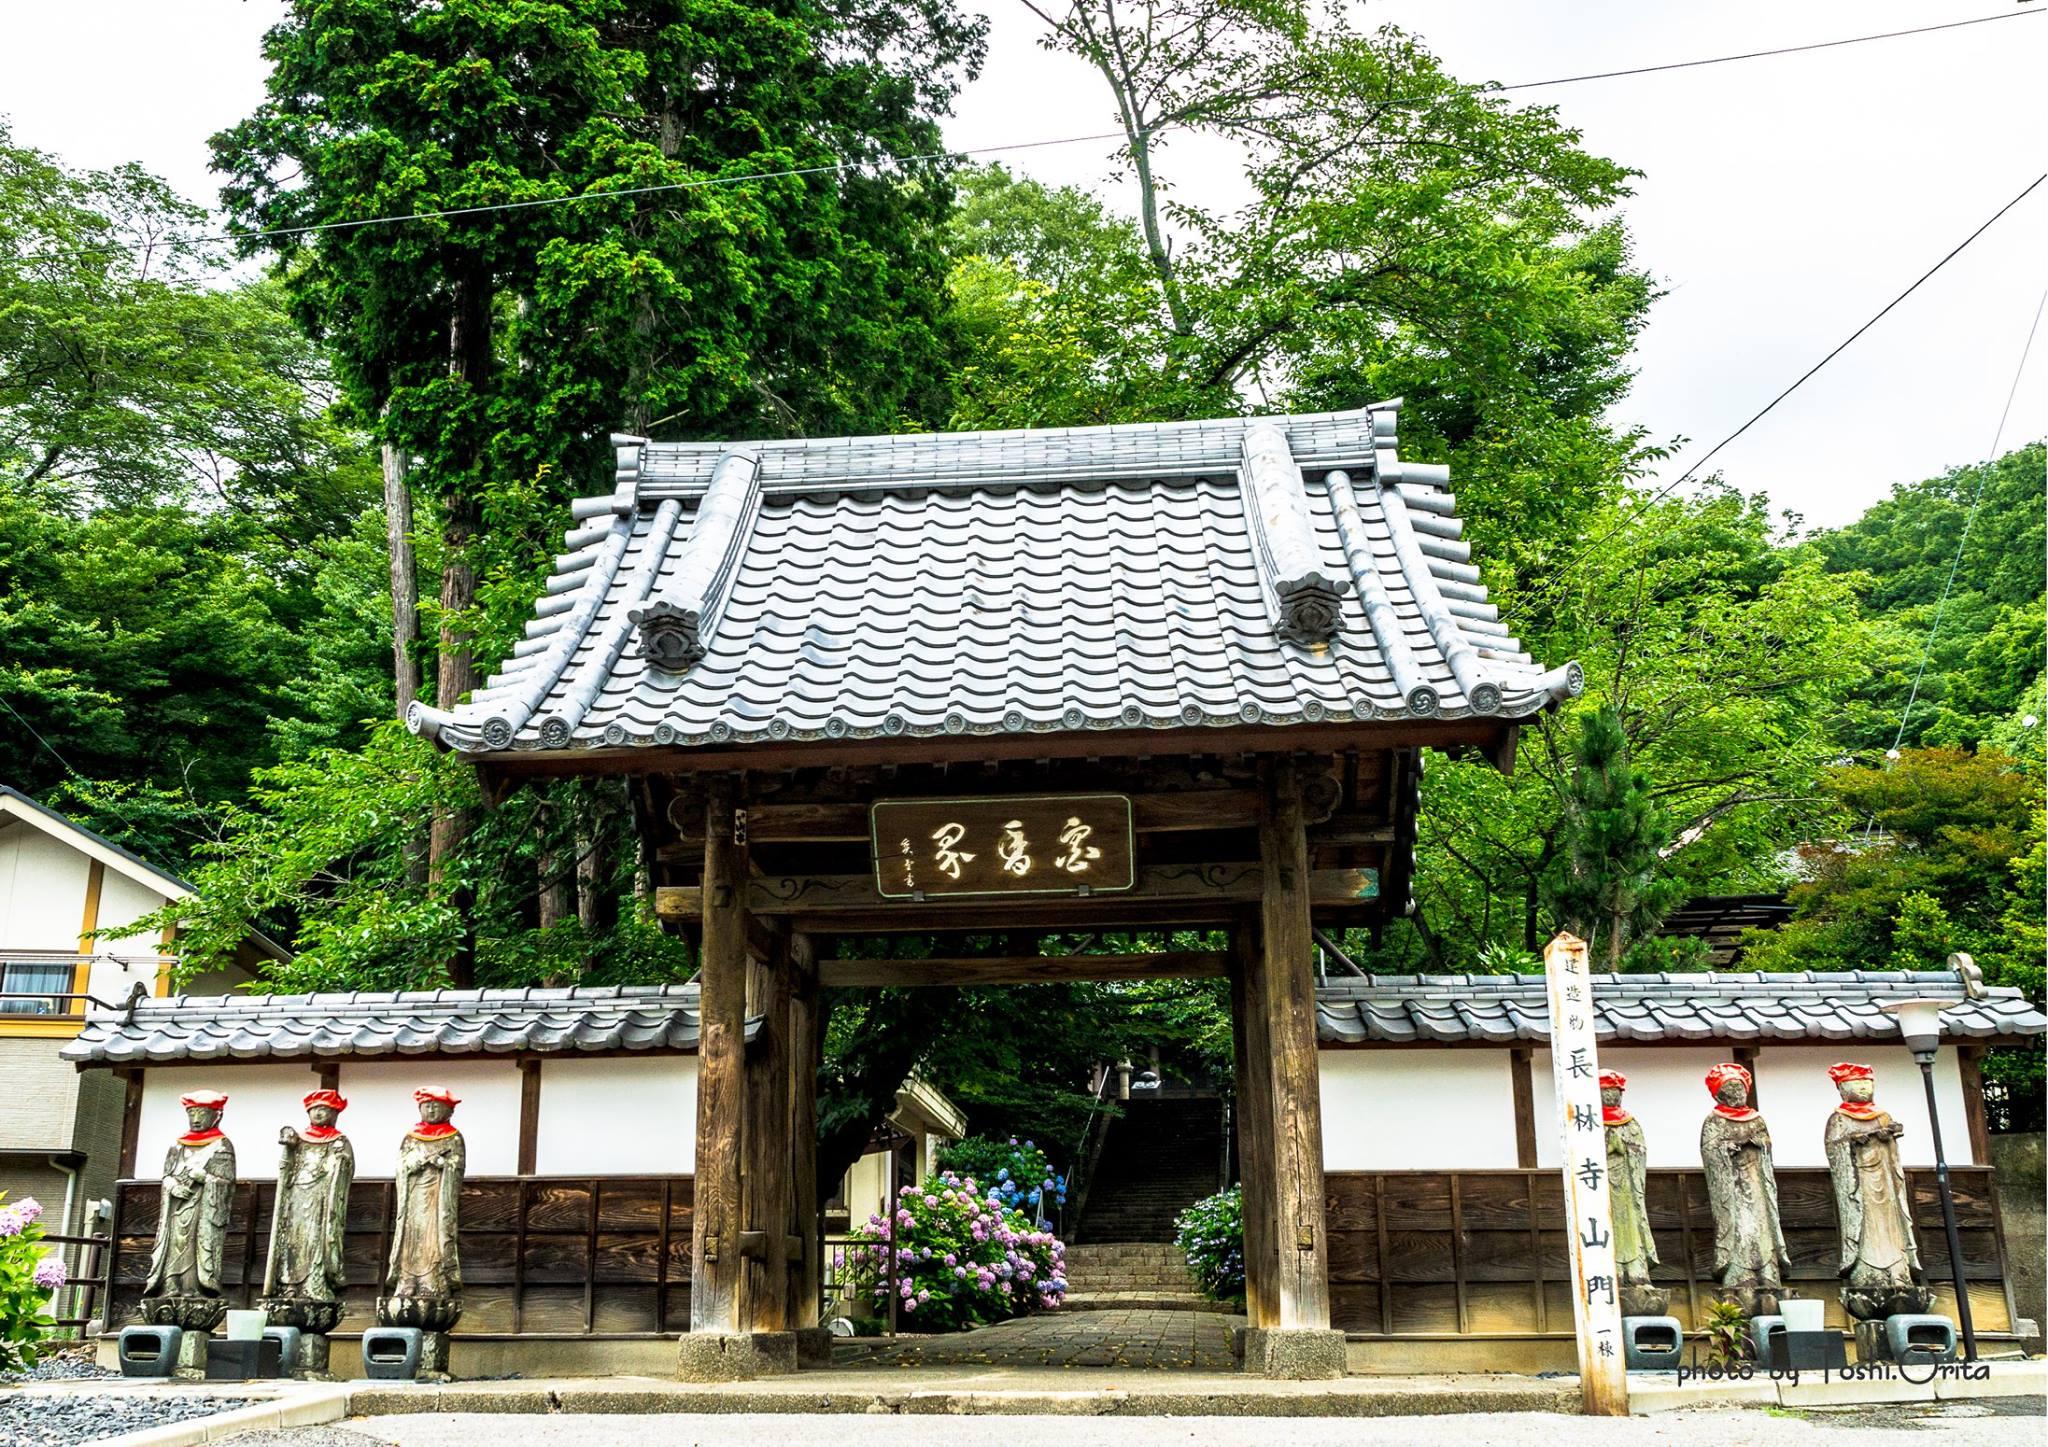 【6/13 足利】地元 栃木を愛するクリエイター集団が主催する「歴マニ会」開催!